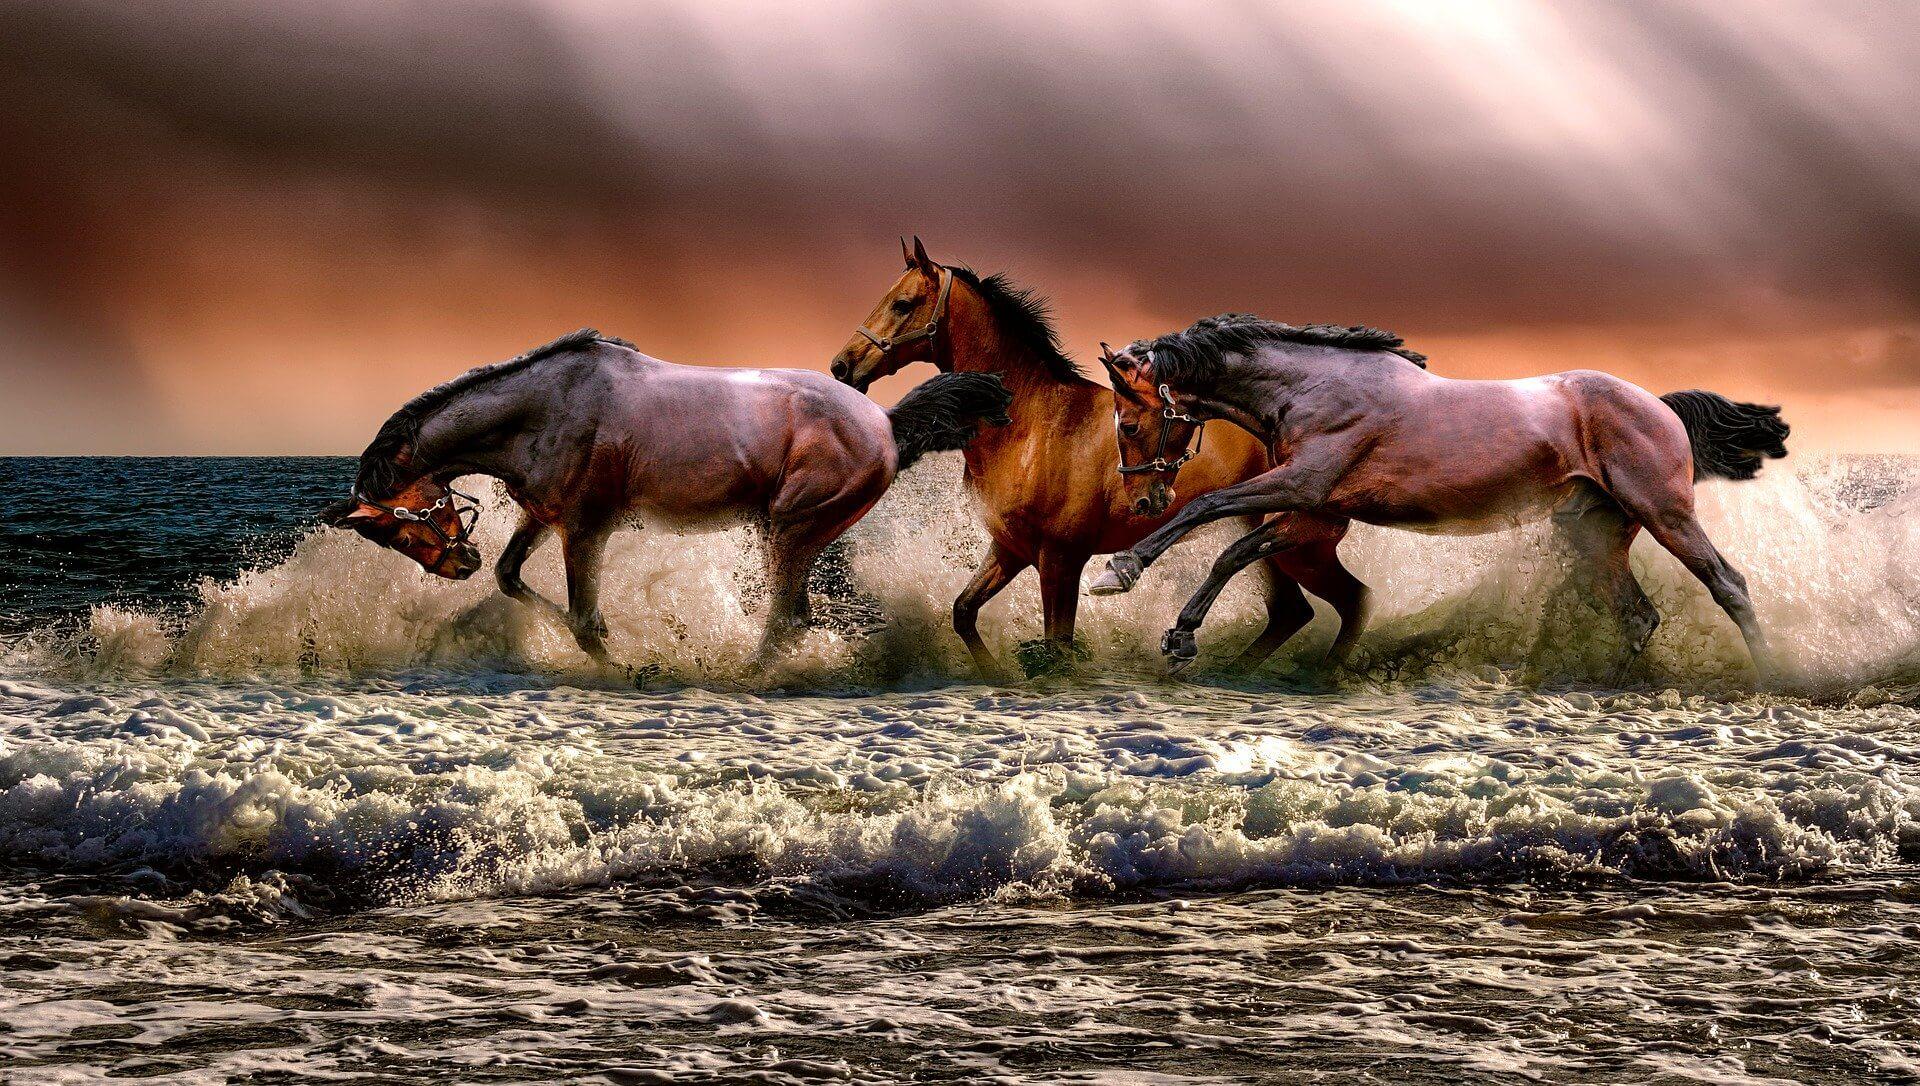 zanimljivosti o životinjama konji